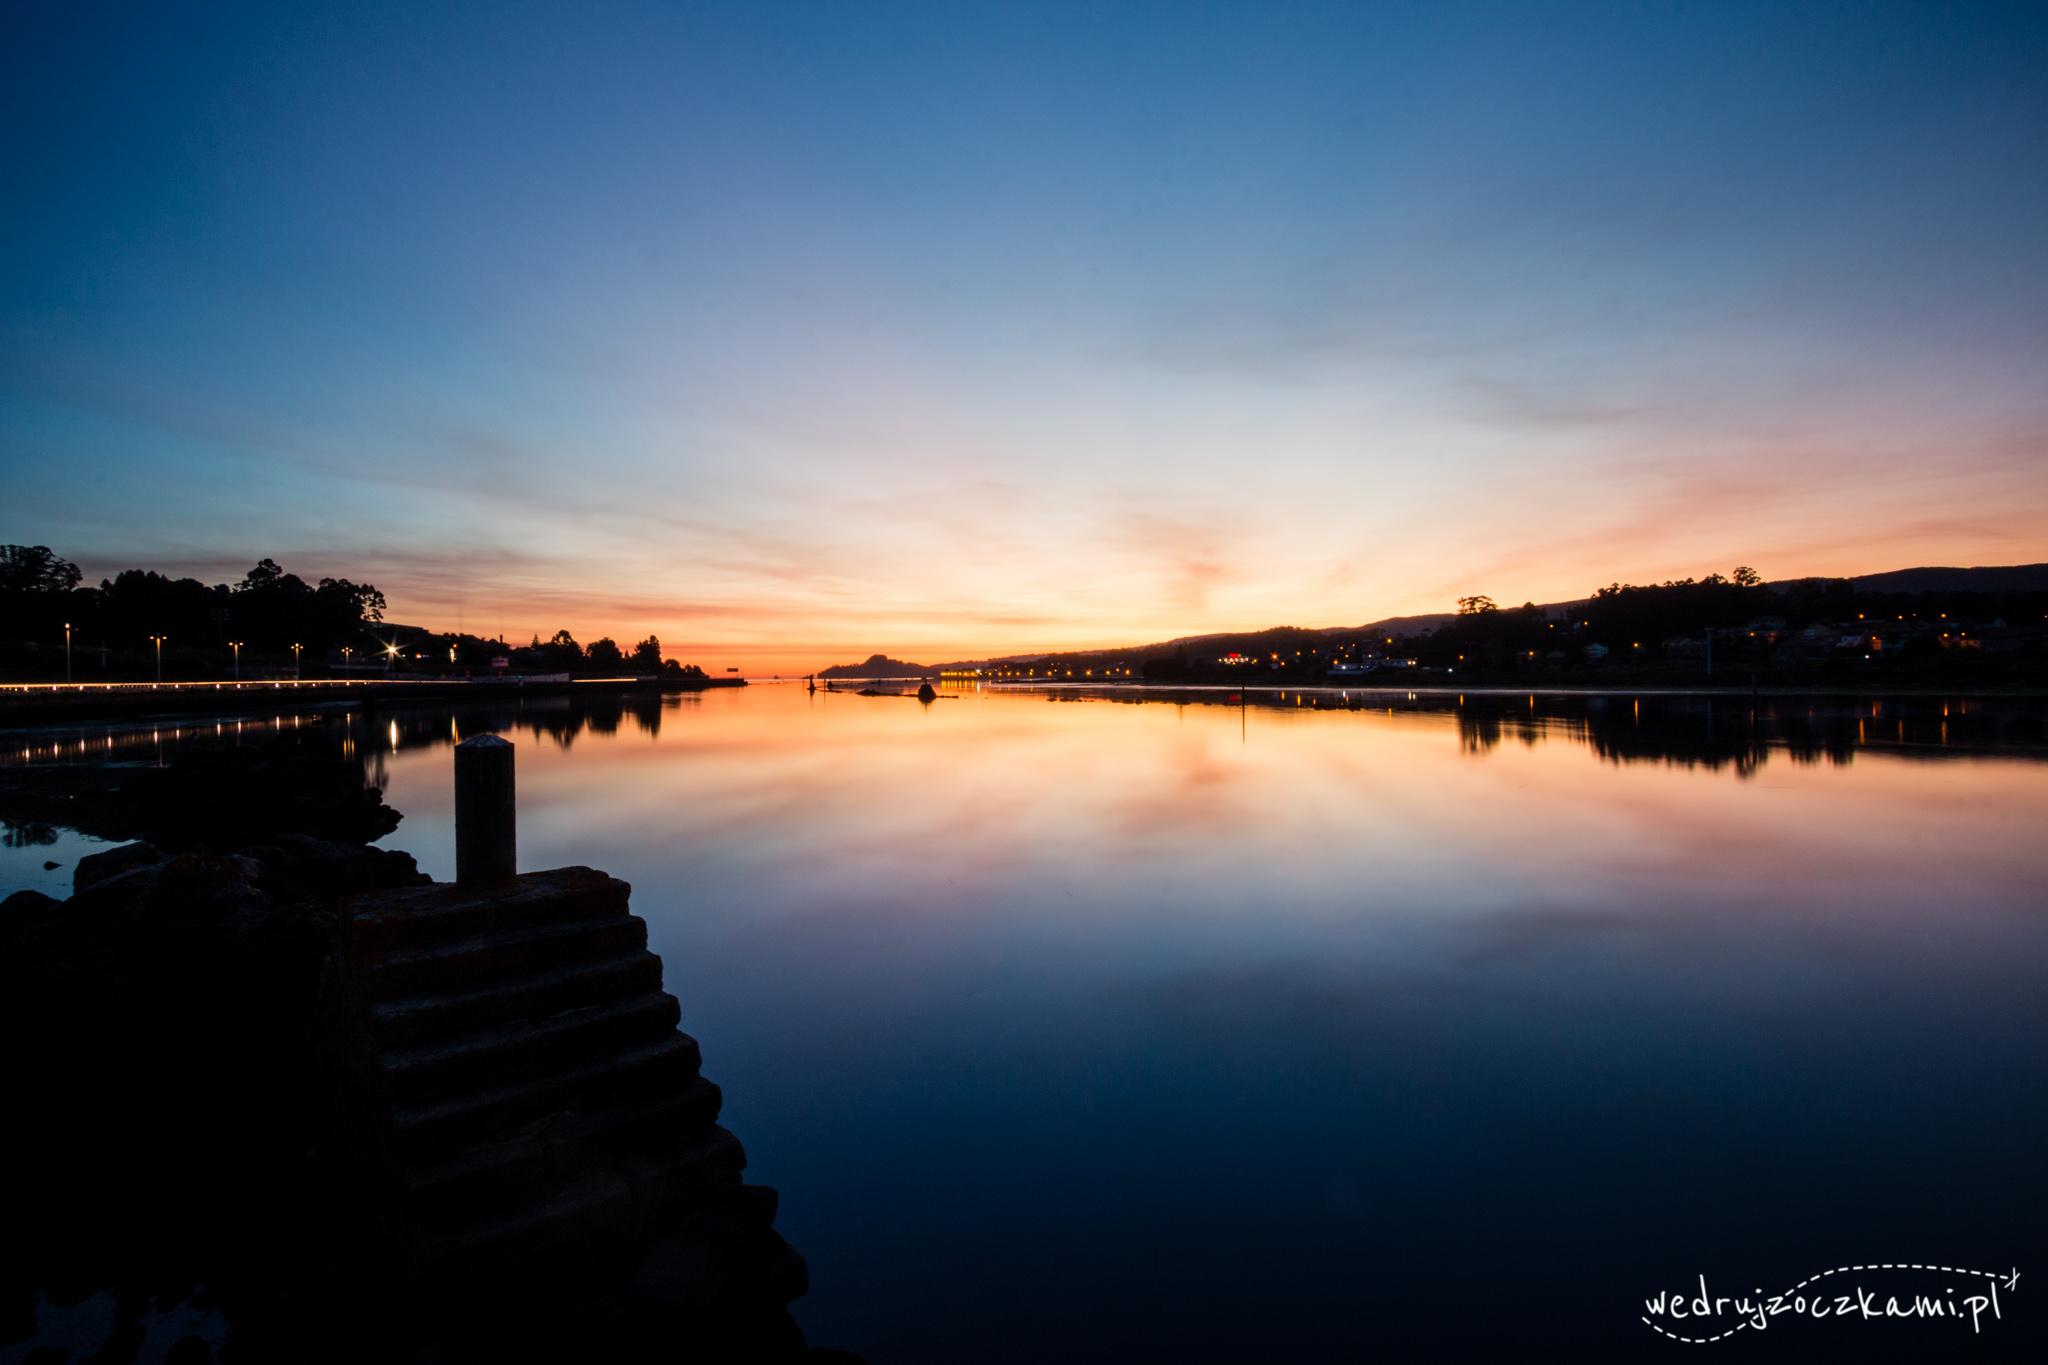 Zachód słońca w Pontevedrze.